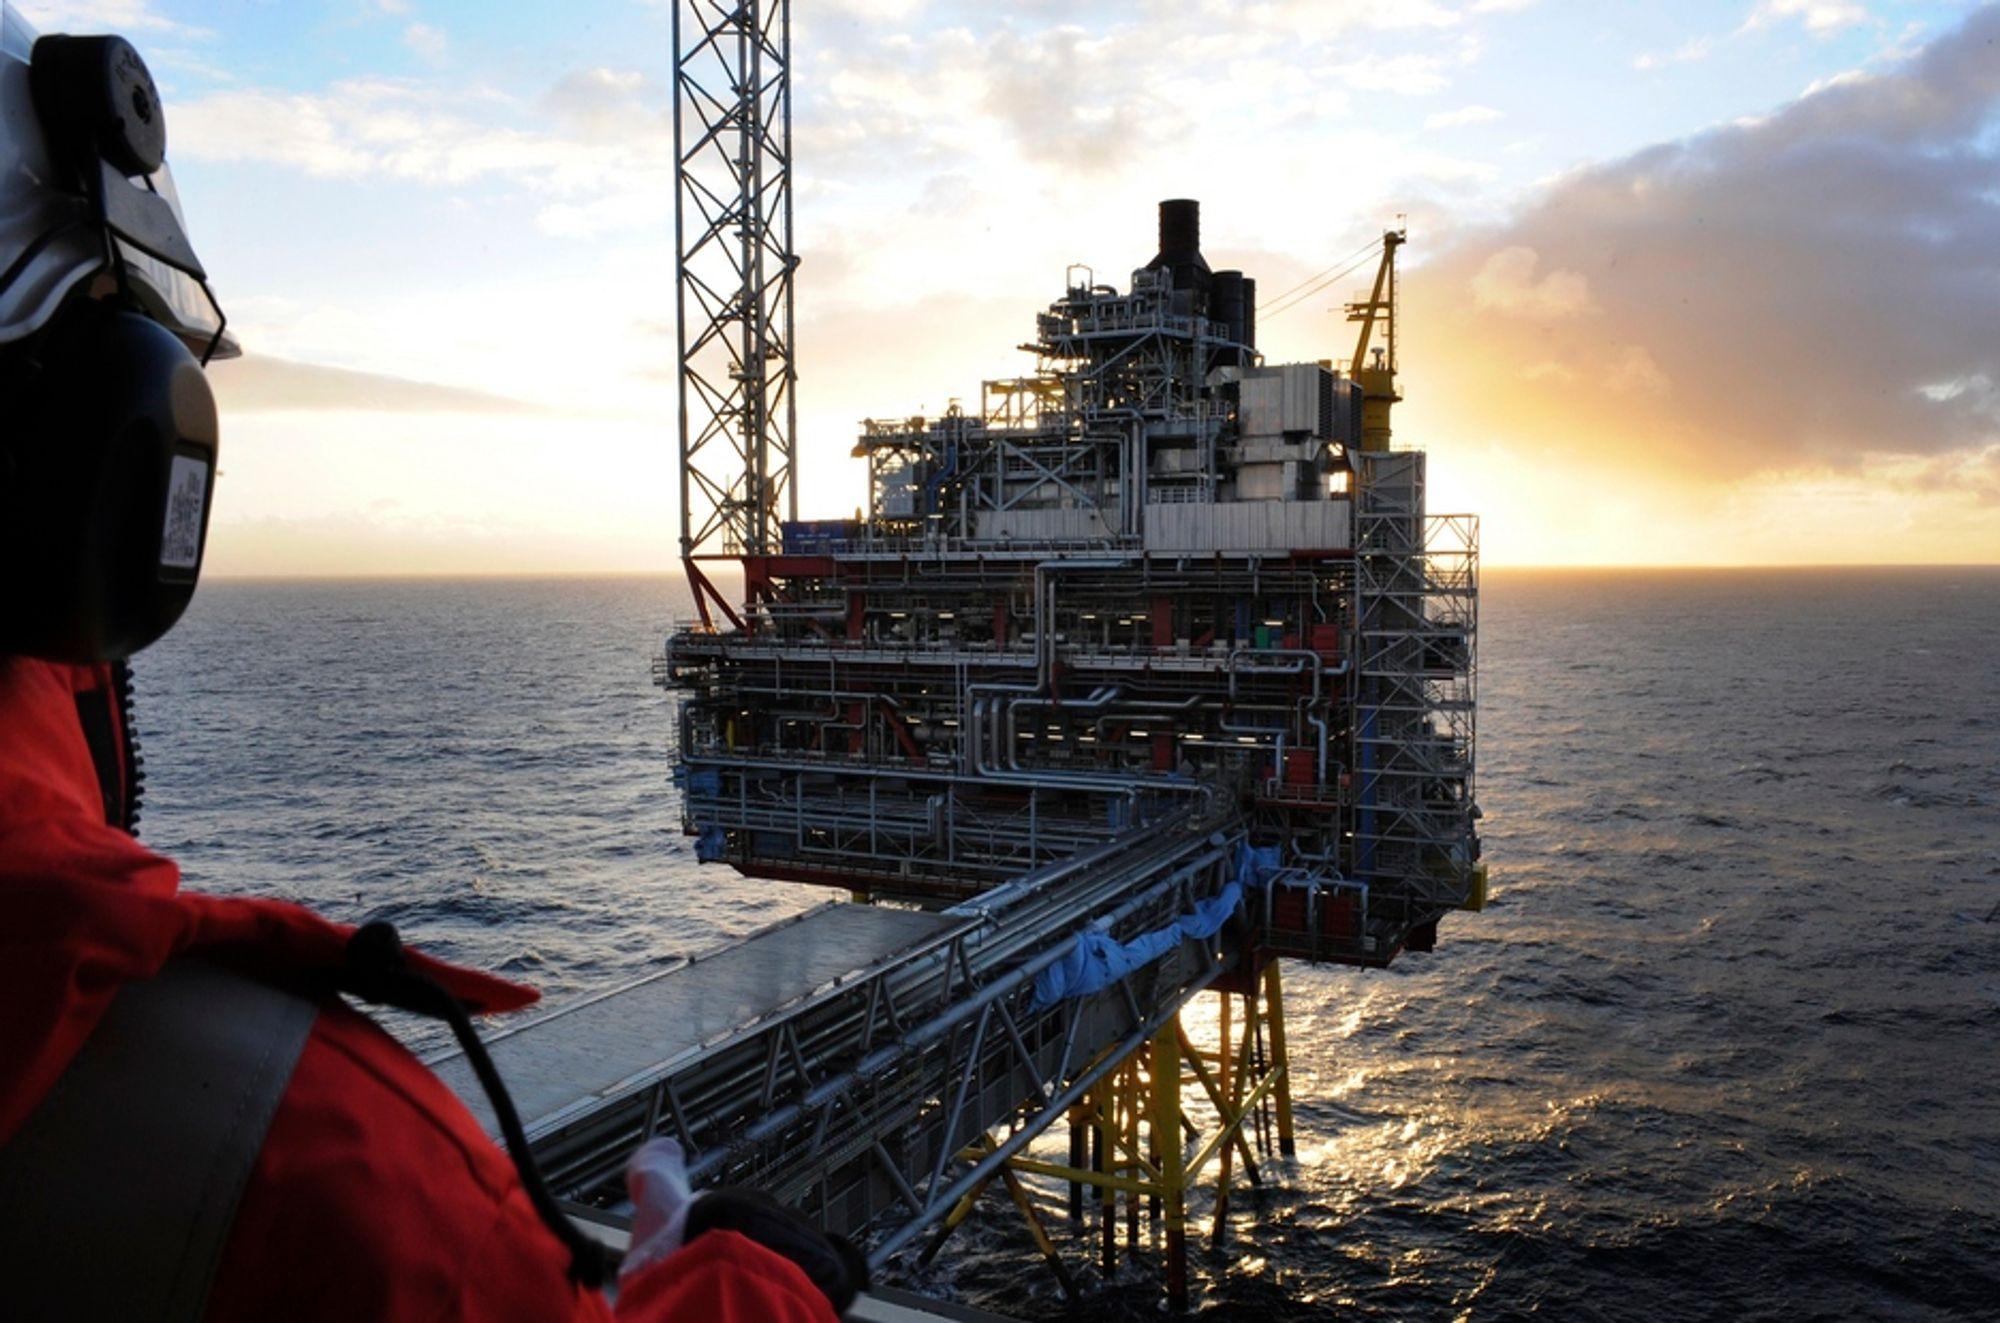 PÅ HELL: Oseberg-feltet har produsert nesten 80 prosent av sine ressurser, i likhet med mange av de største feltene på norsk sokkel. Nå krever Høyre mer handling for å berge oljenæringen.